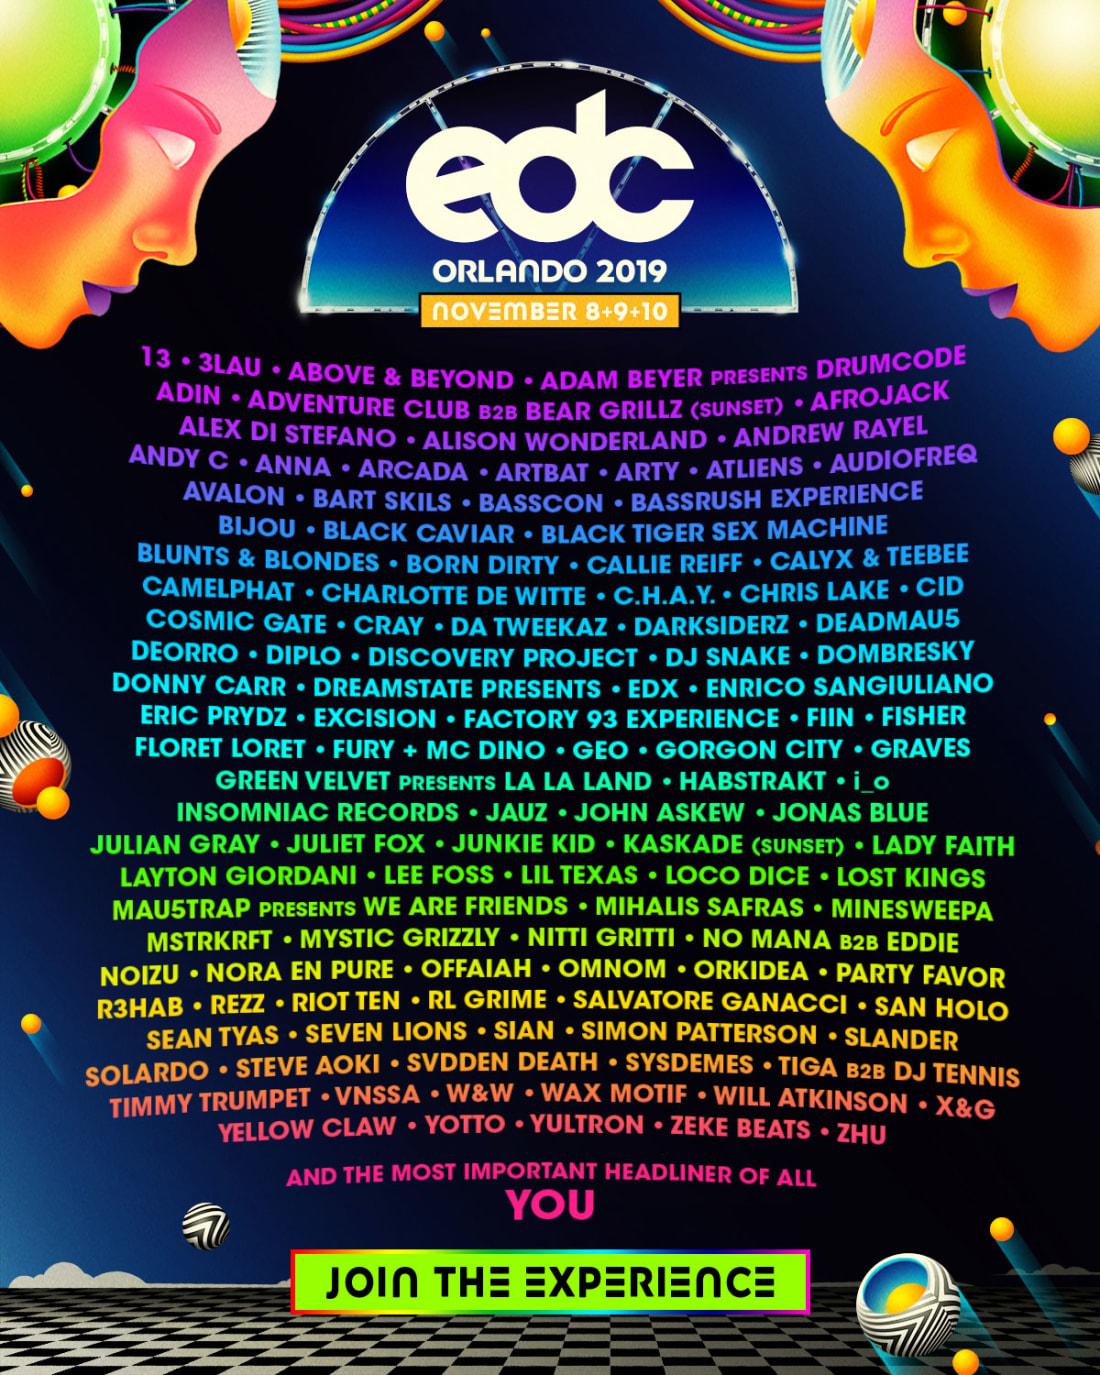 11.8 9 EDC Orlando 2019 Lineup Atlanta EDM Events Shows Concerts Festivals.jpg